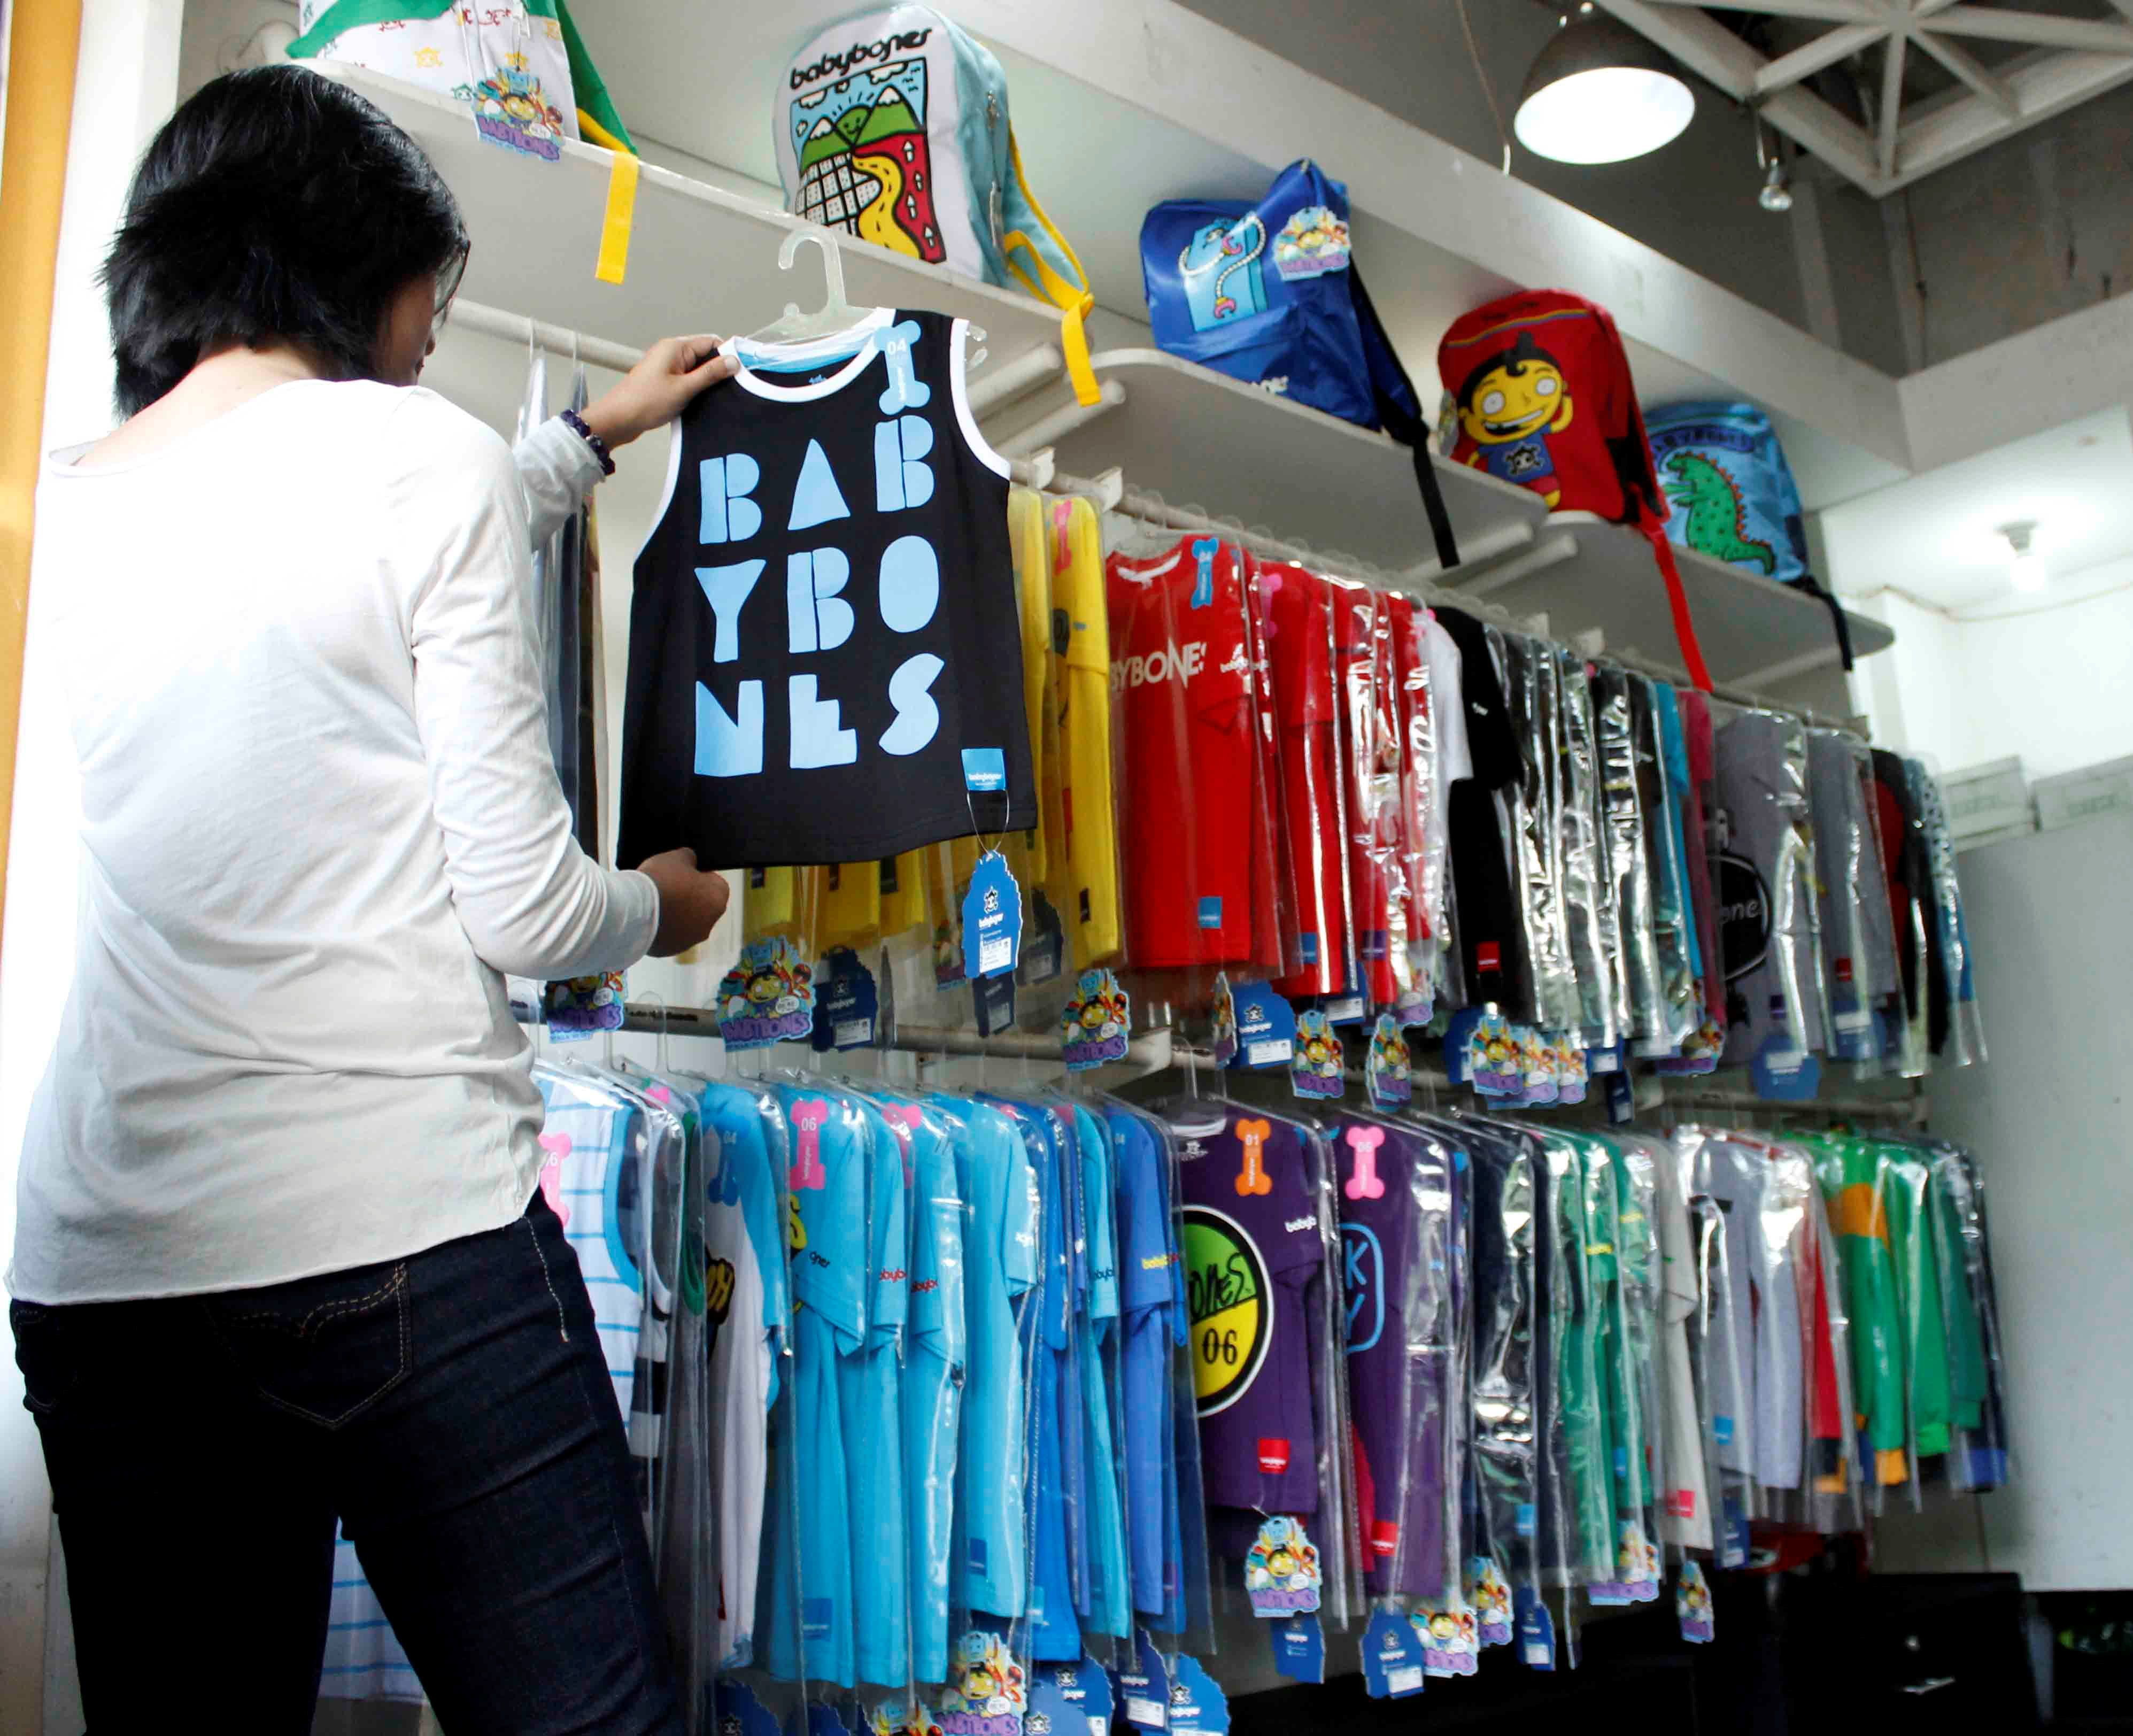 Pusat Grosir Cimahi Grosir Baju Anak Di Cimahi Bandung yang Terkenal Murah